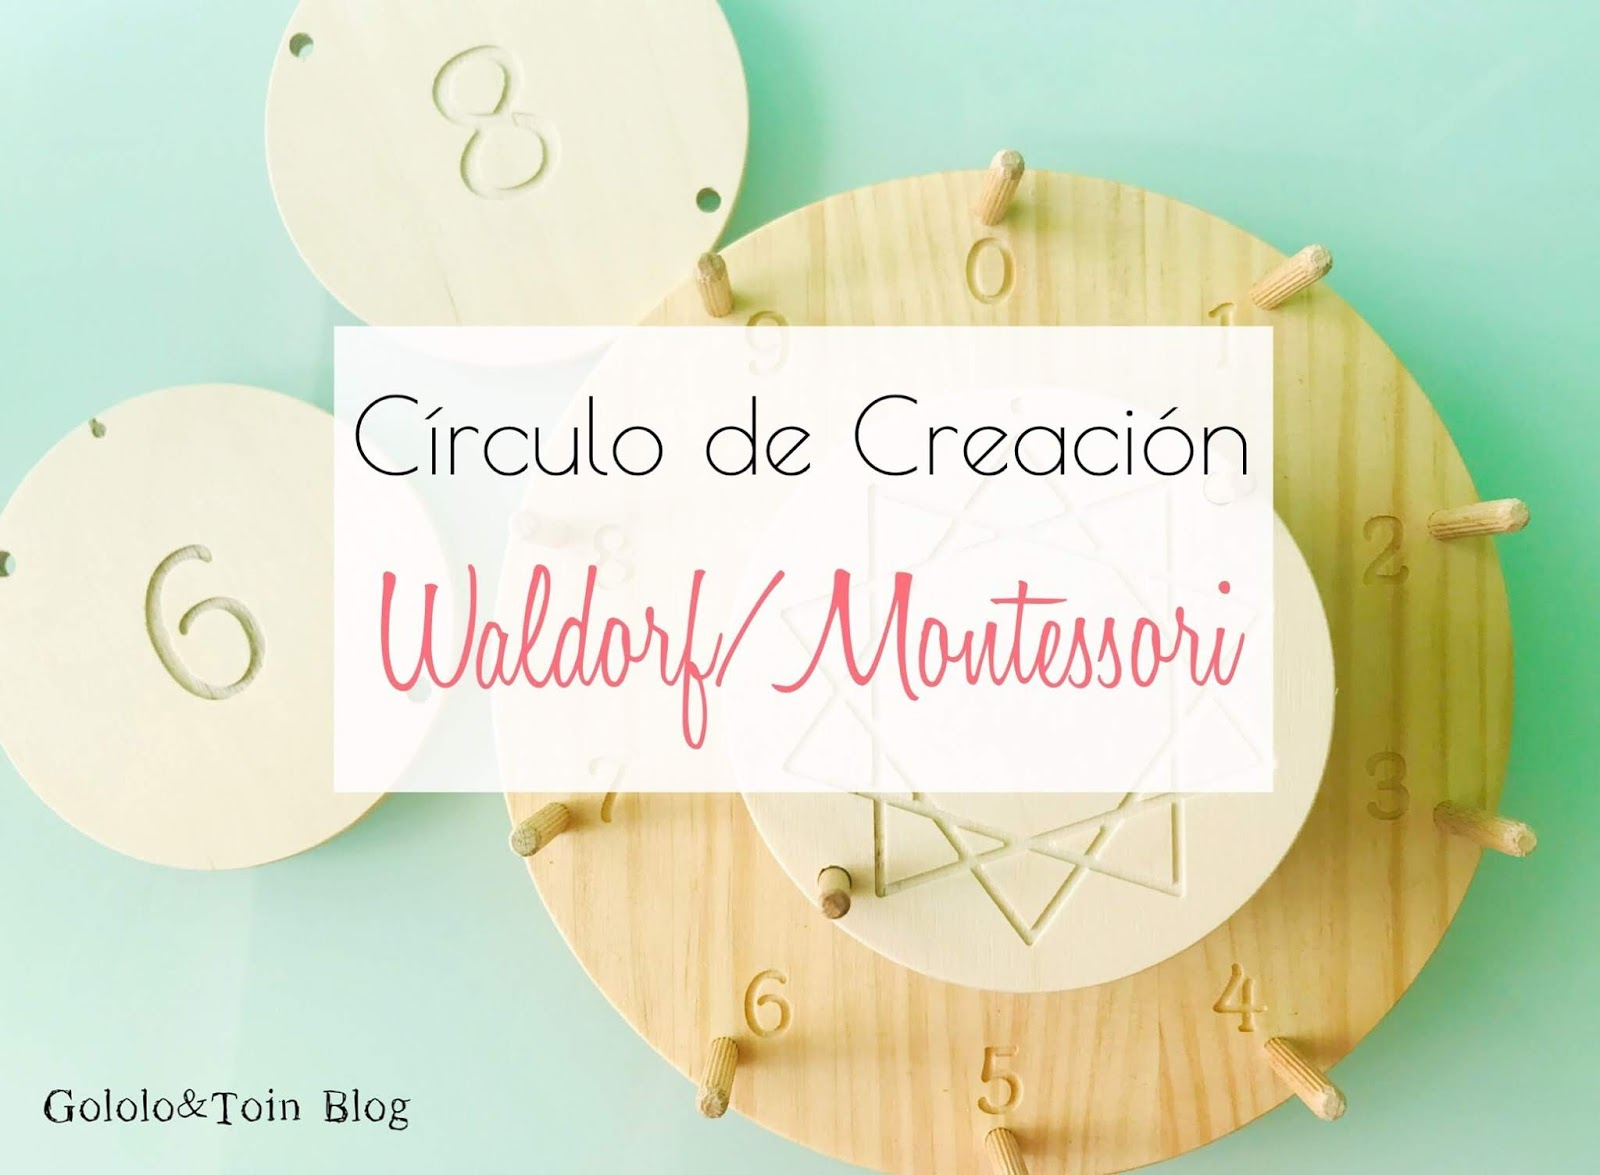 Círculo de creación Waldorf/Montessori